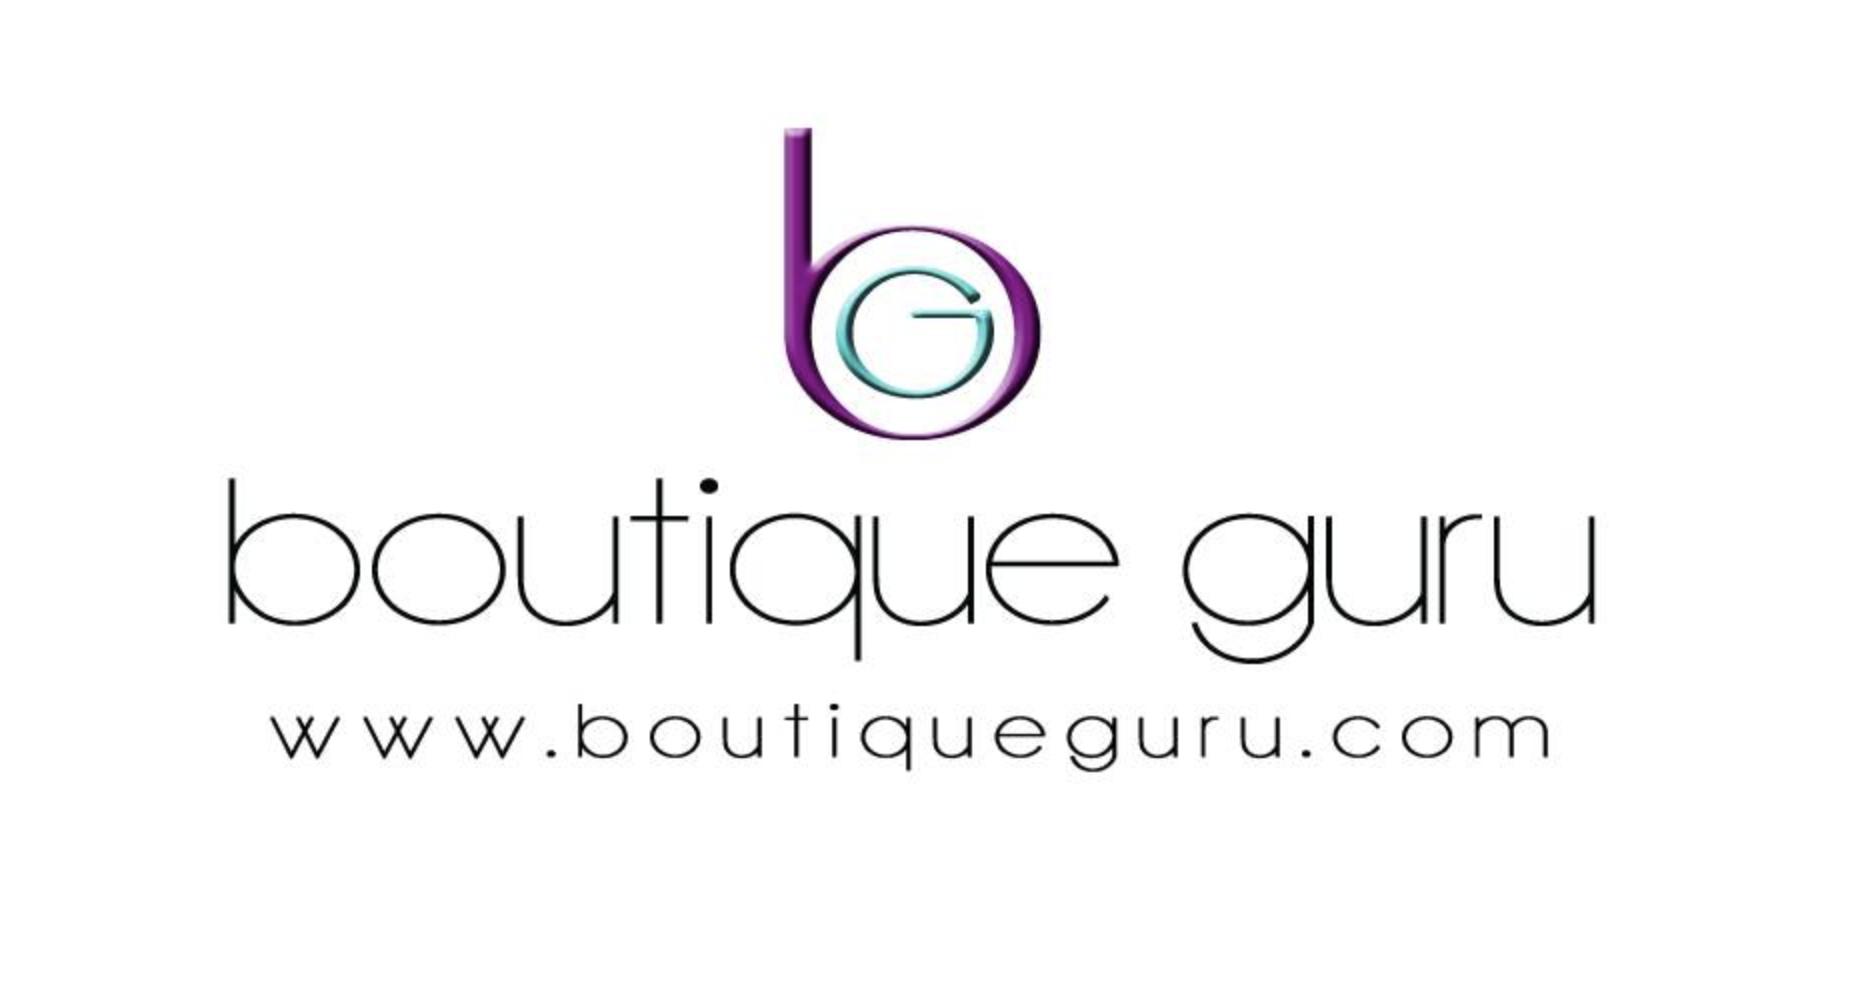 Boutique Guru